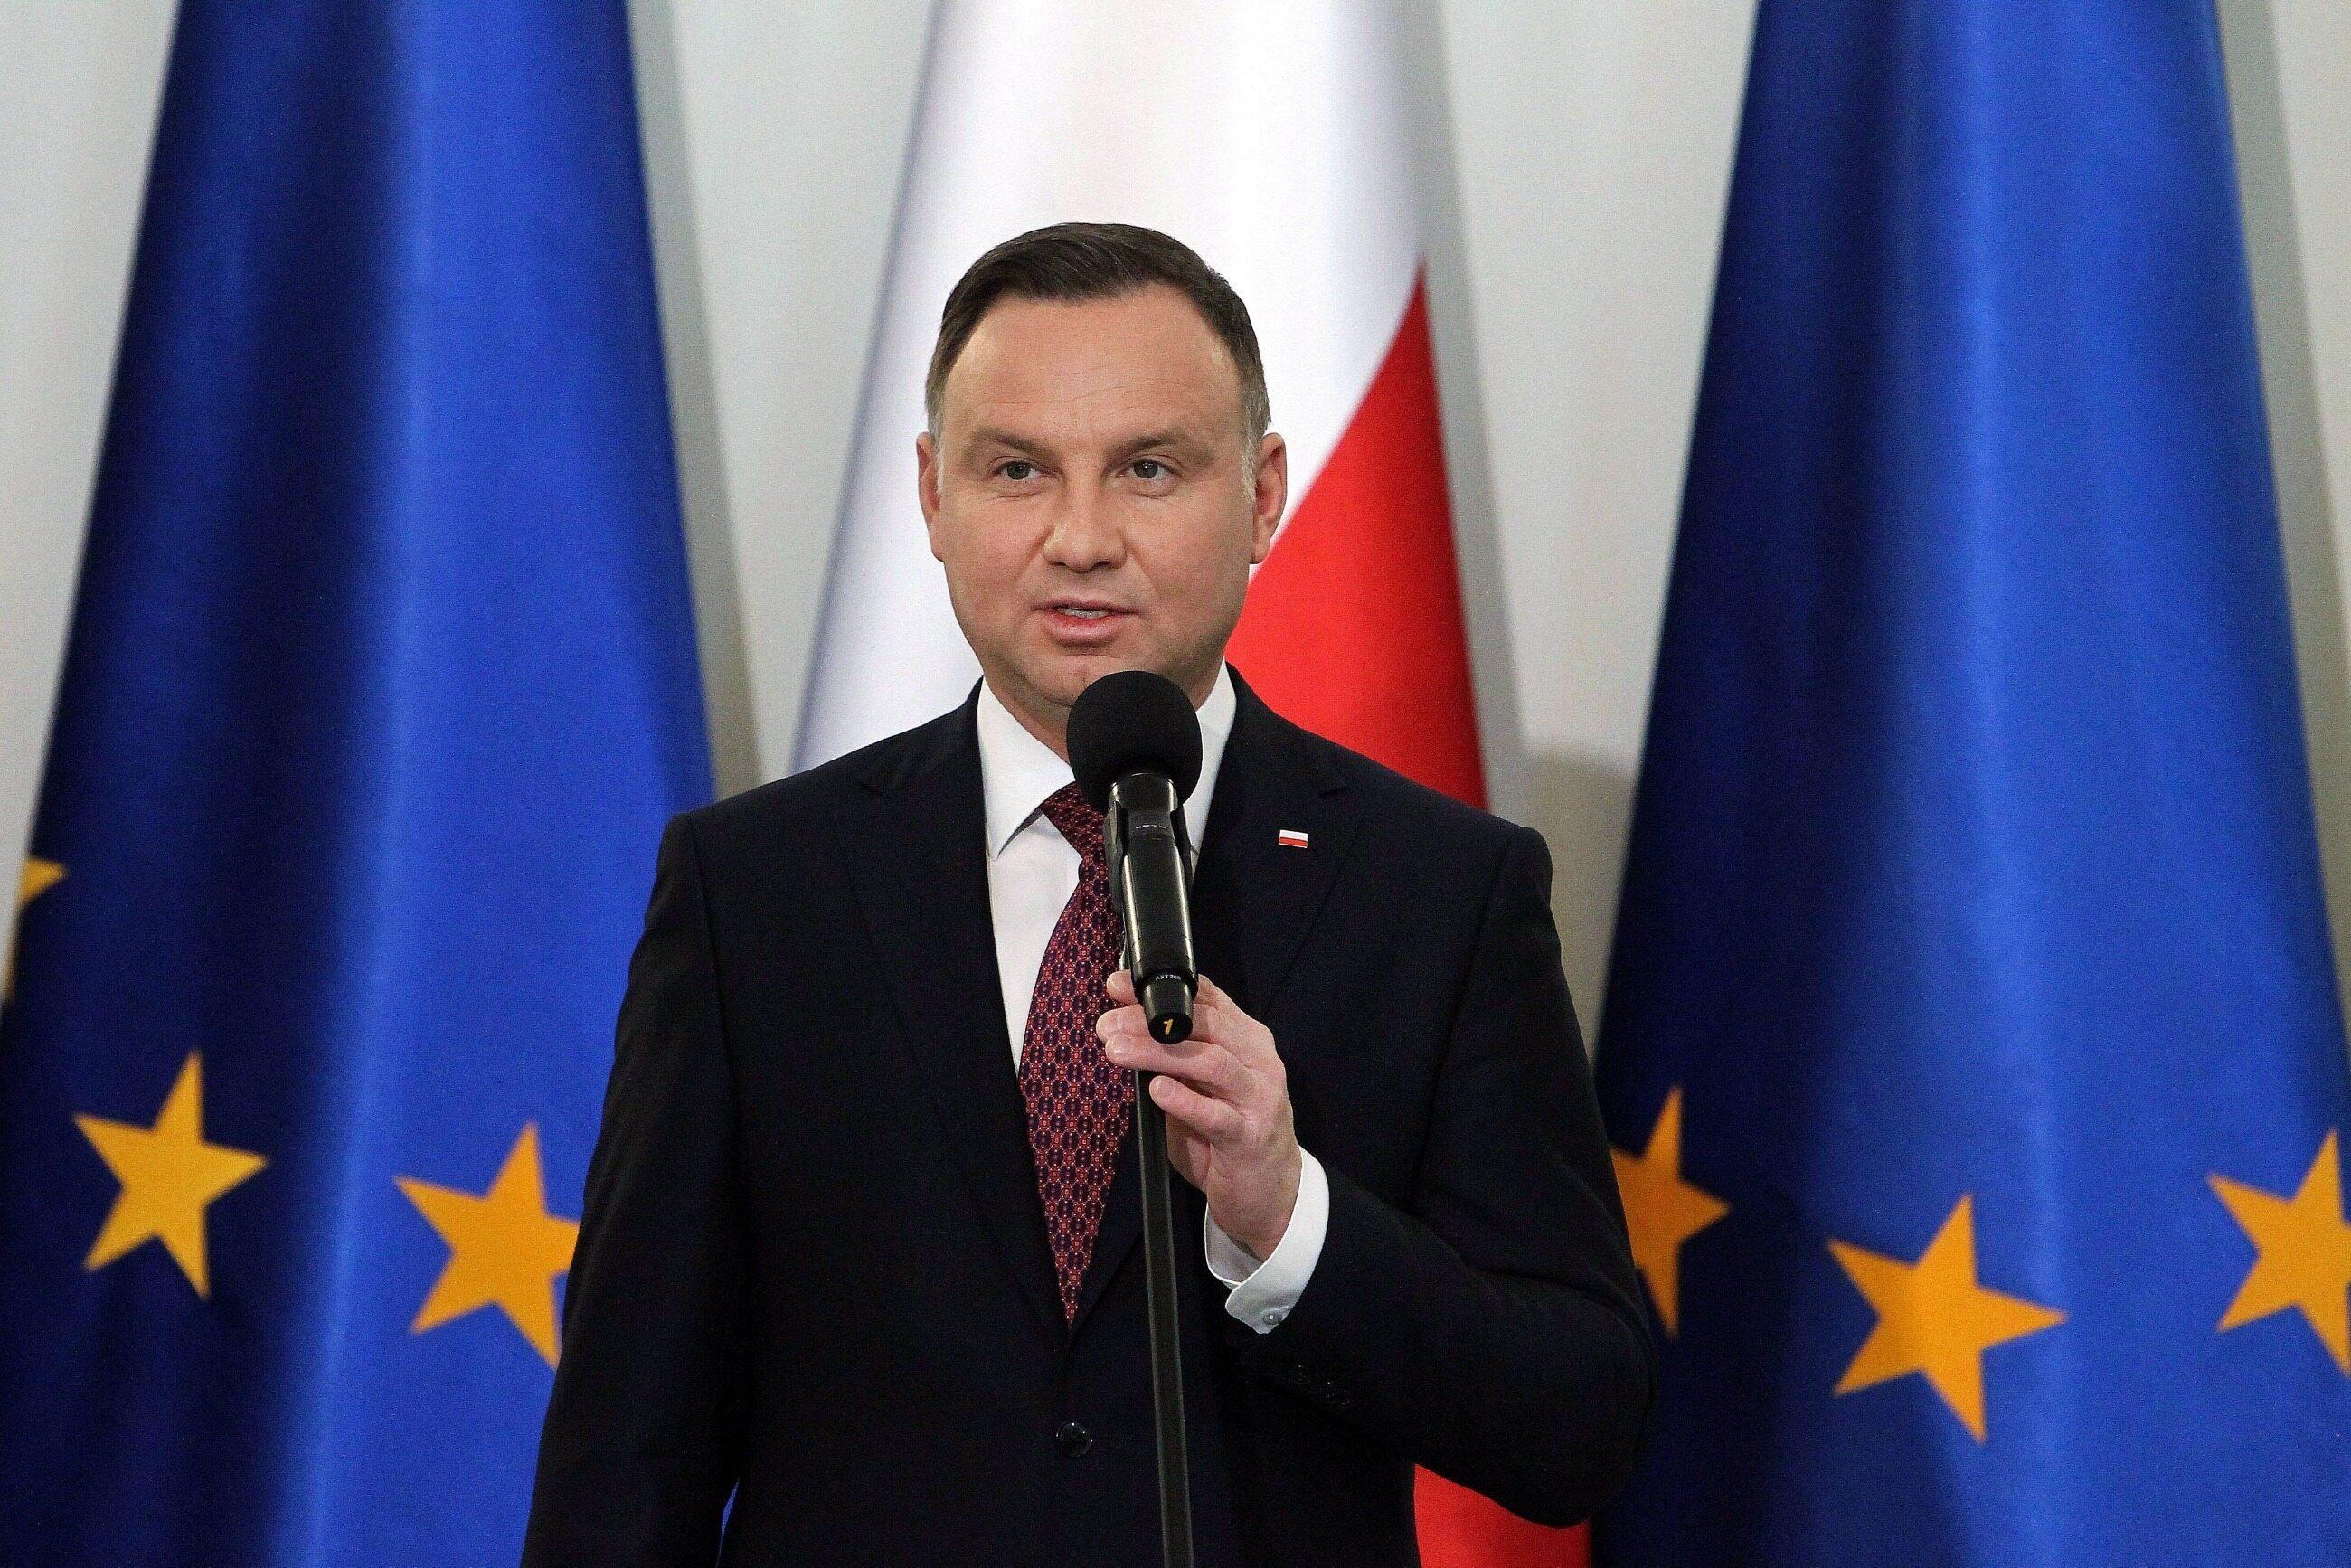 Z sondażu IBRiS przeprowadzonego dla Onetu wynika, że największym zaufaniem Polacy darzą prezydenta Andrzeja Dudę. Kto jest liderem rankingu nieufności?